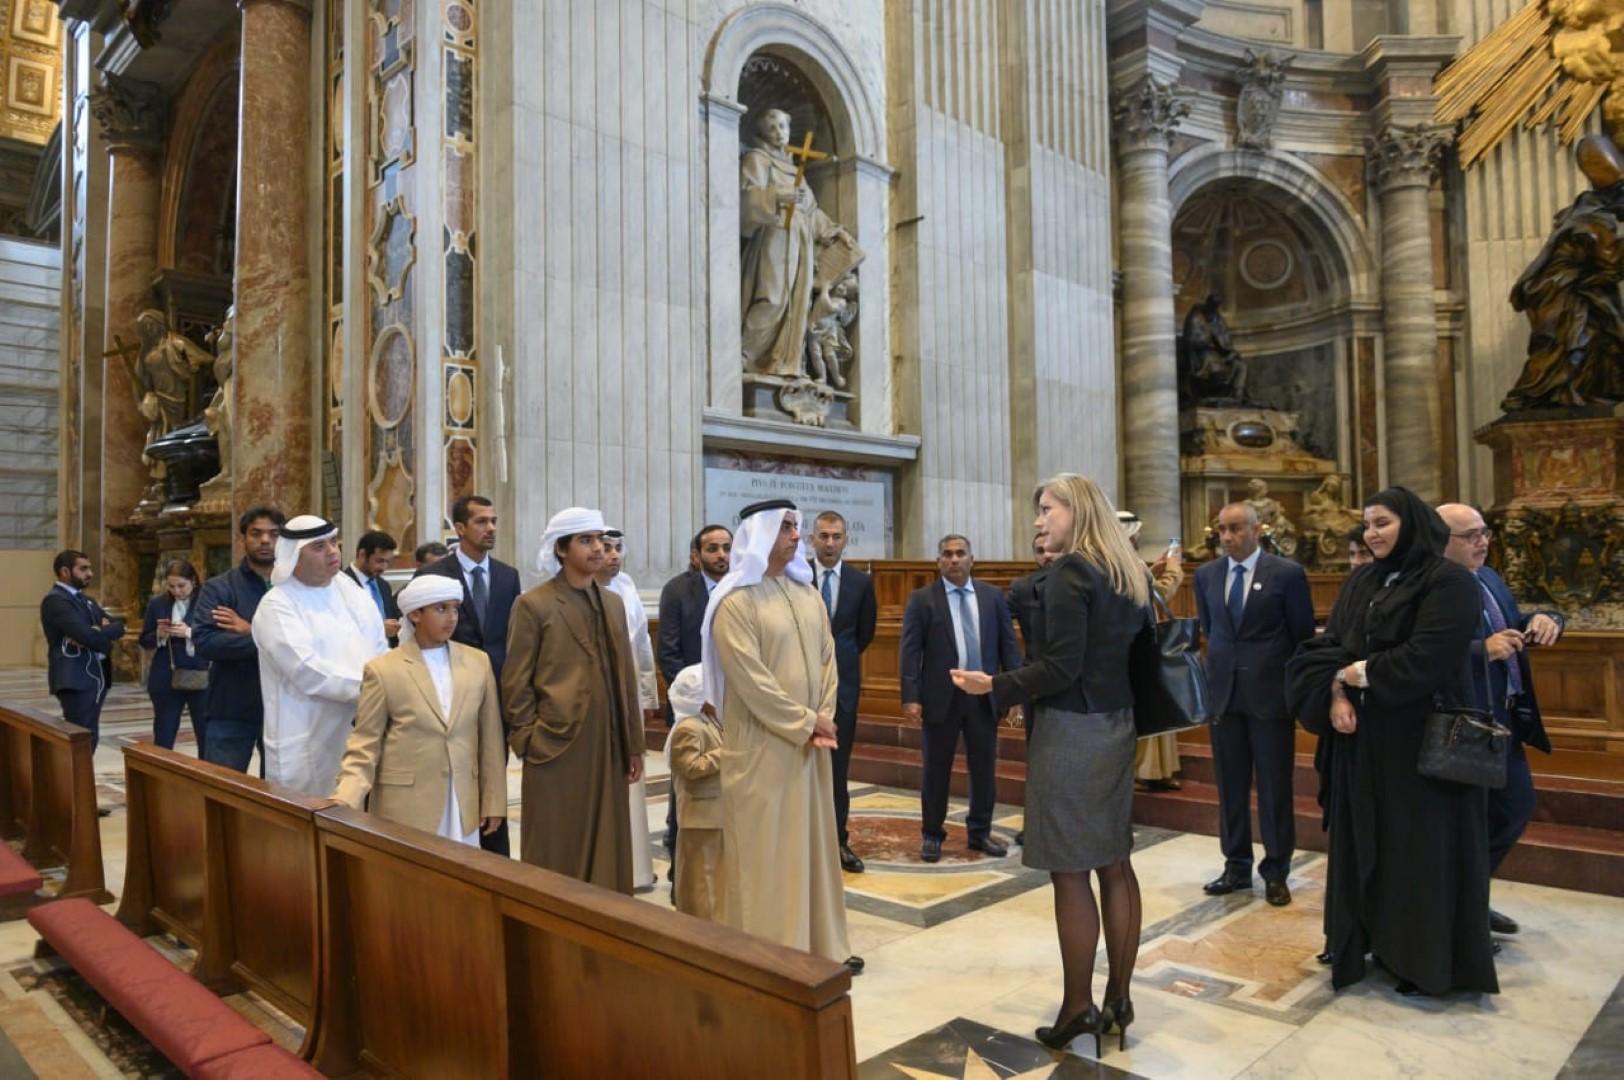 سيف بن زايد يلتقي البابا فرنسيس ويزور عددا من المواقع الدينية والتاريخية في الفاتيكان